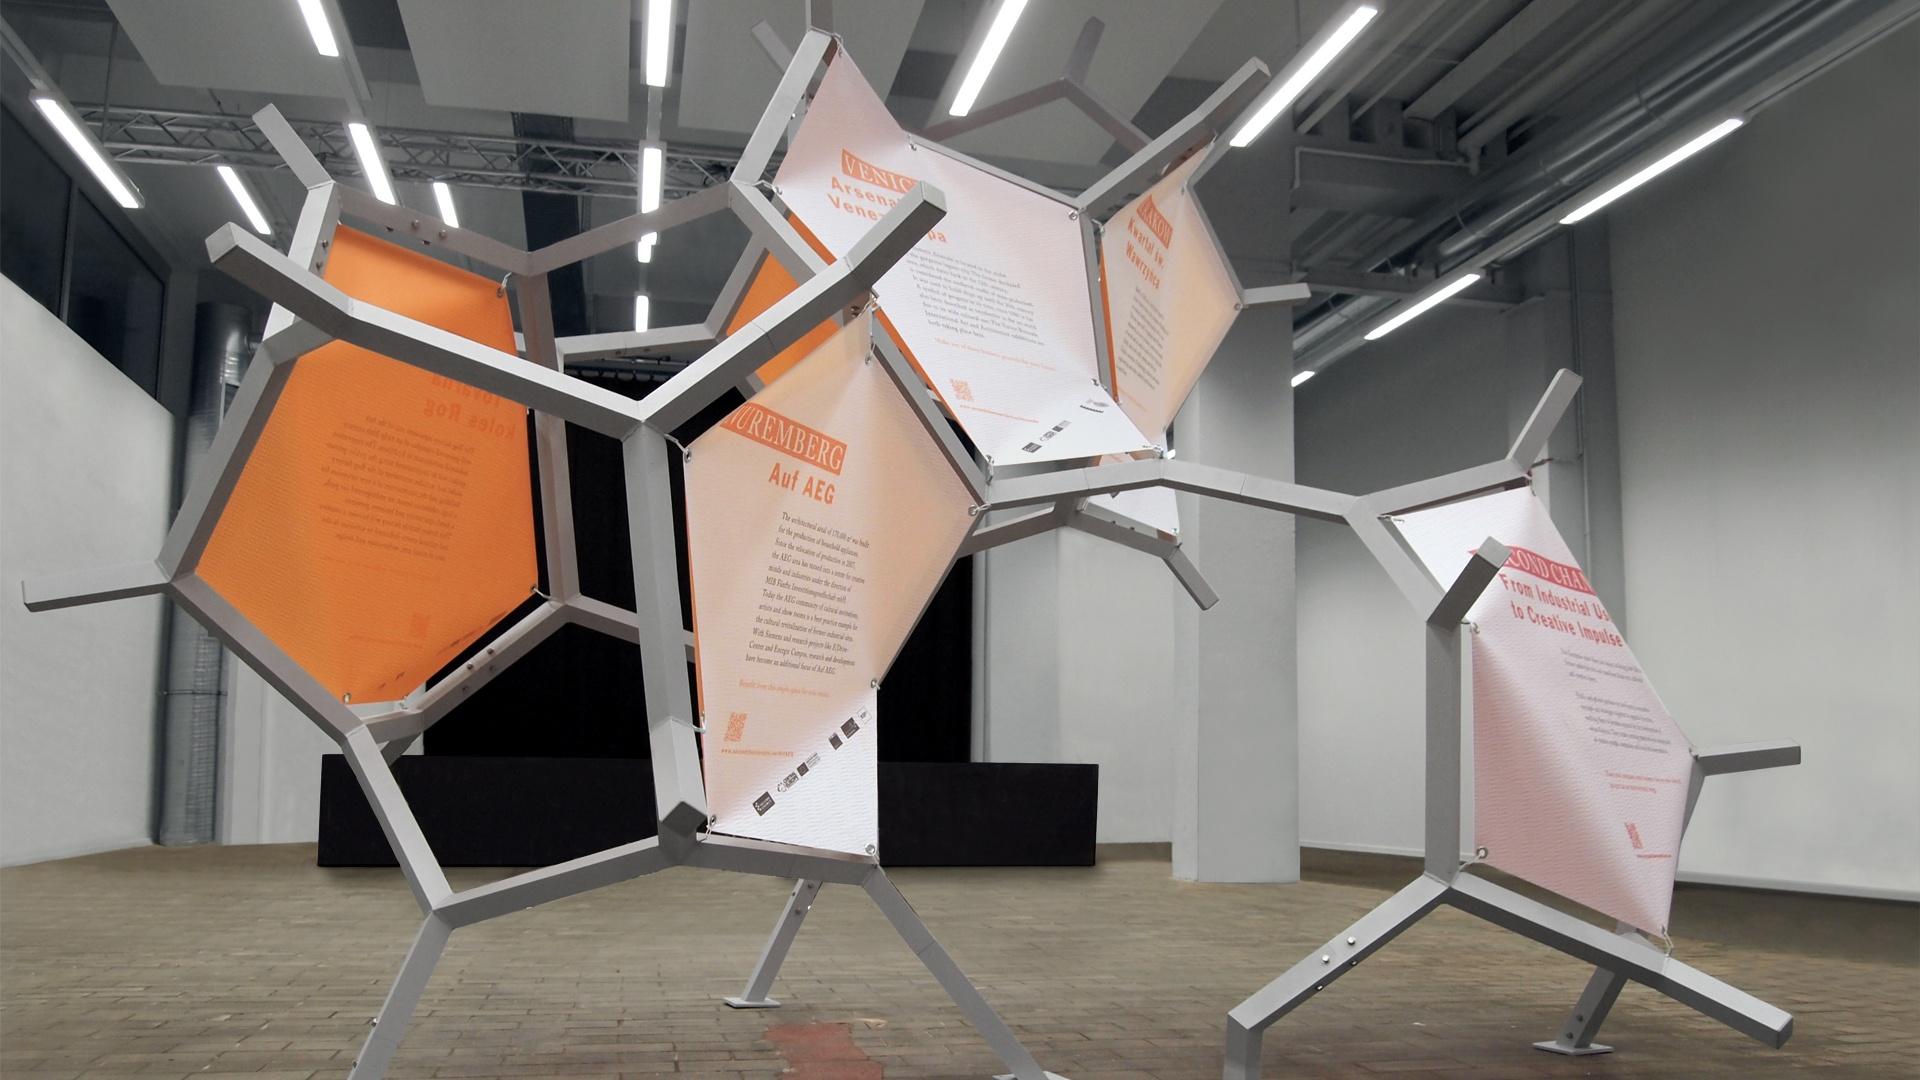 Skulptur Ausstellungsdesign Second Chance